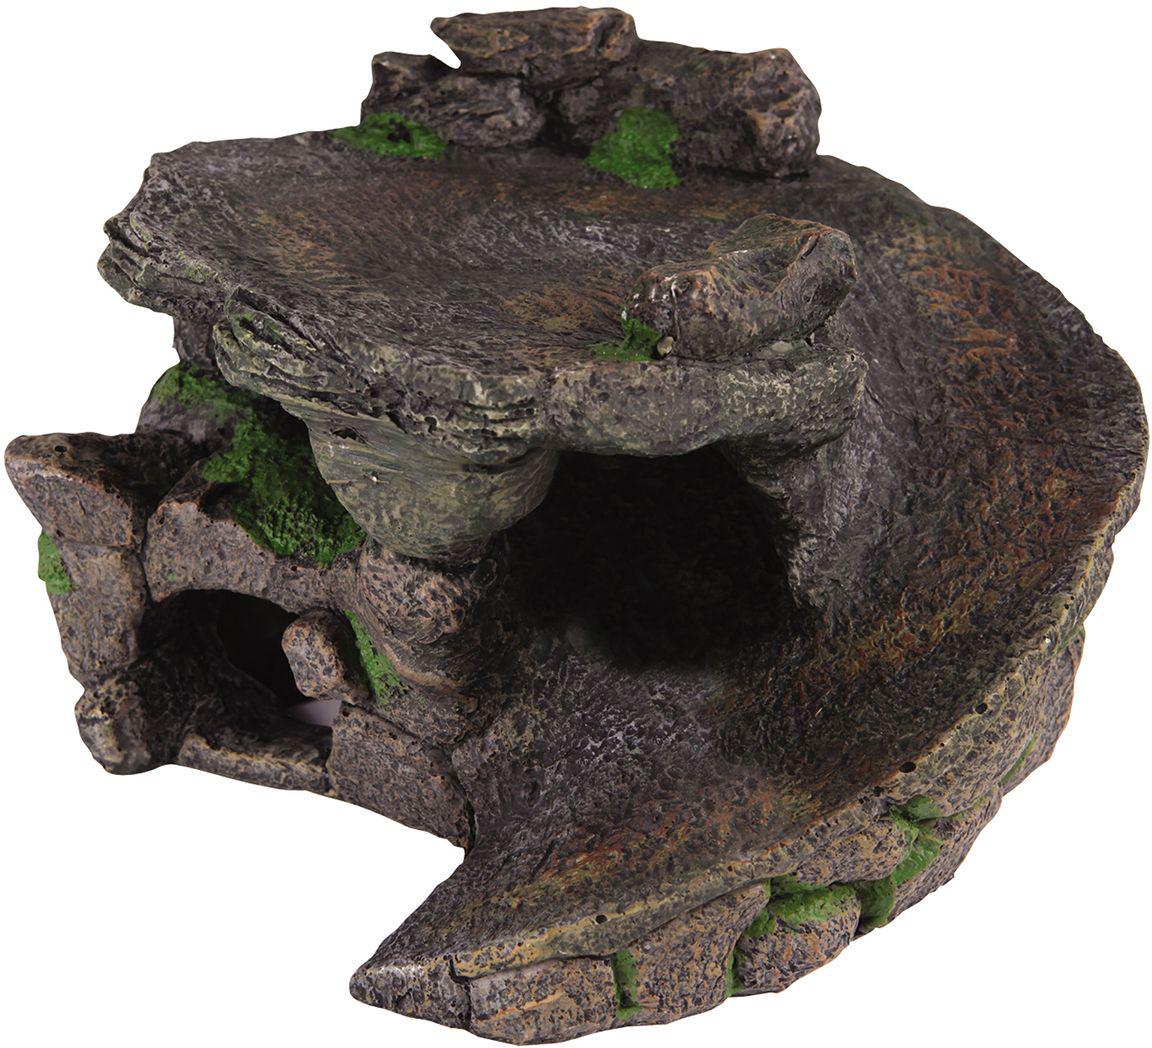 Декорация для аквариума Dezzie Убежище, для черепах, 23 х 22,5 х 14 см игрушка для собак dezzie аппорт 25 5 х 7 см